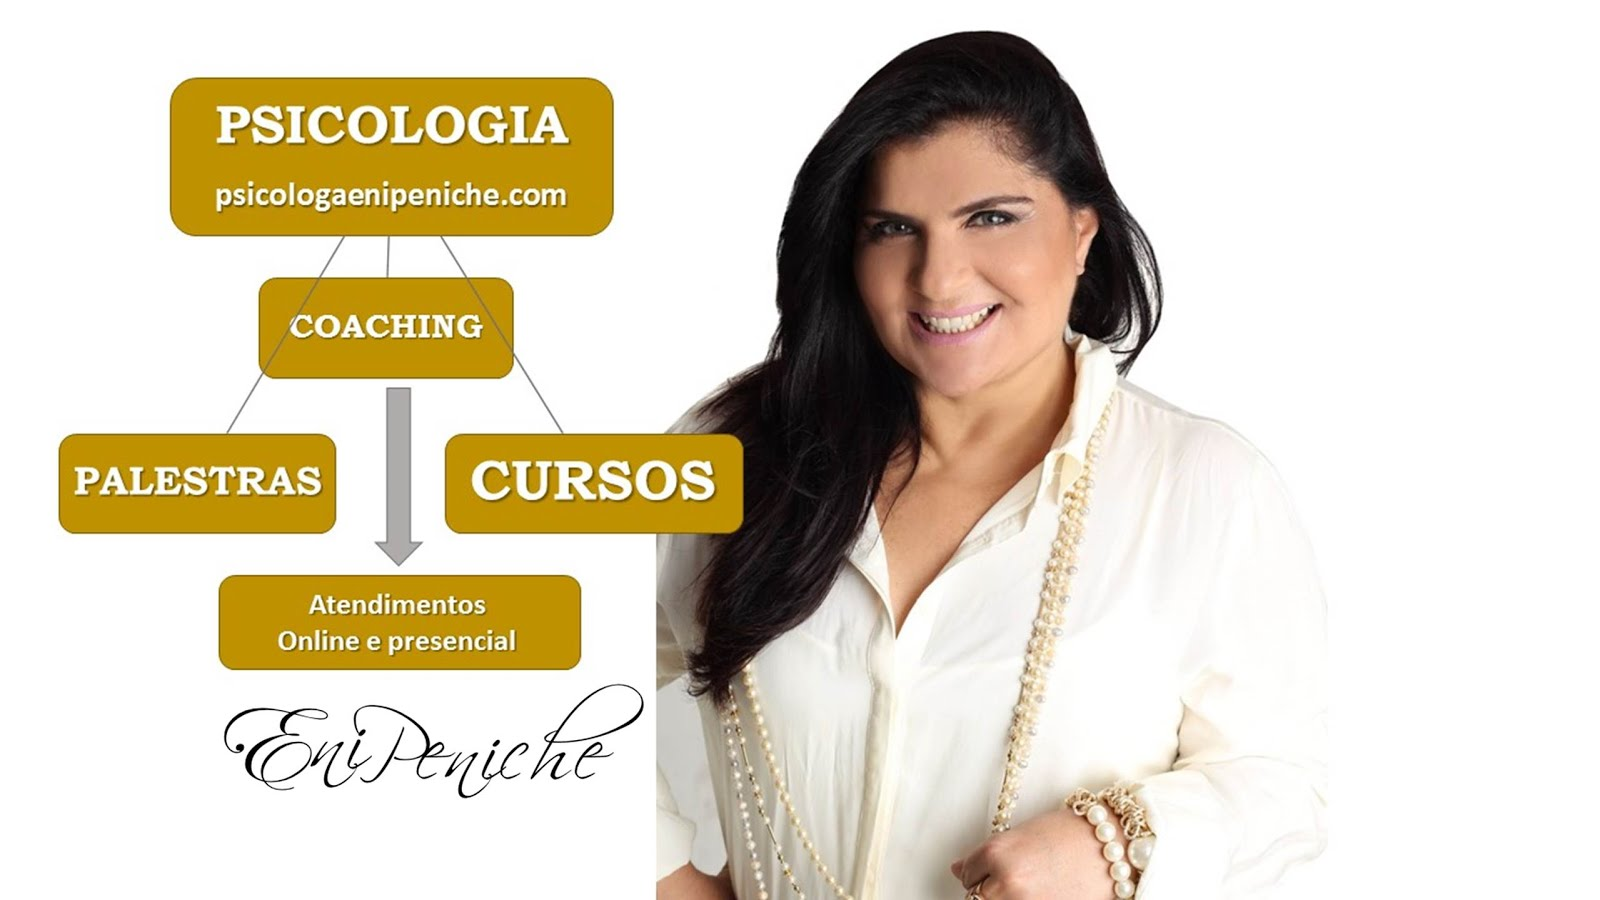 Psicologa Eni Peniche